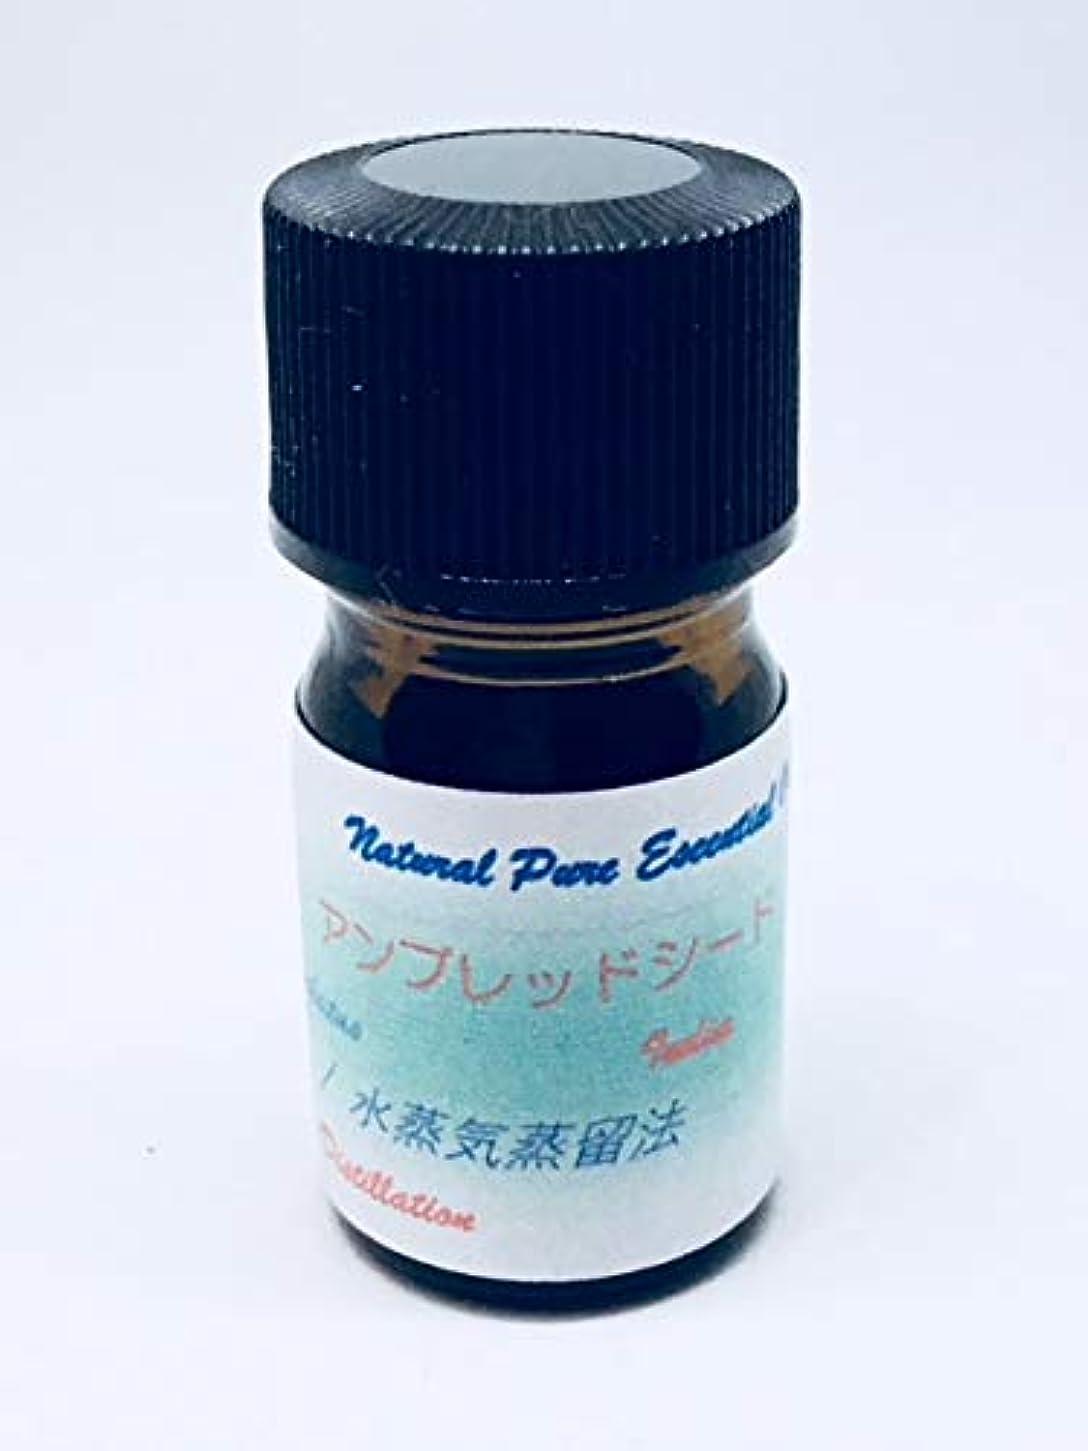 ポインタルビー威するアンブレッドシード(植物性ムスク)精油 10ml100%ピュアエッセンシャル